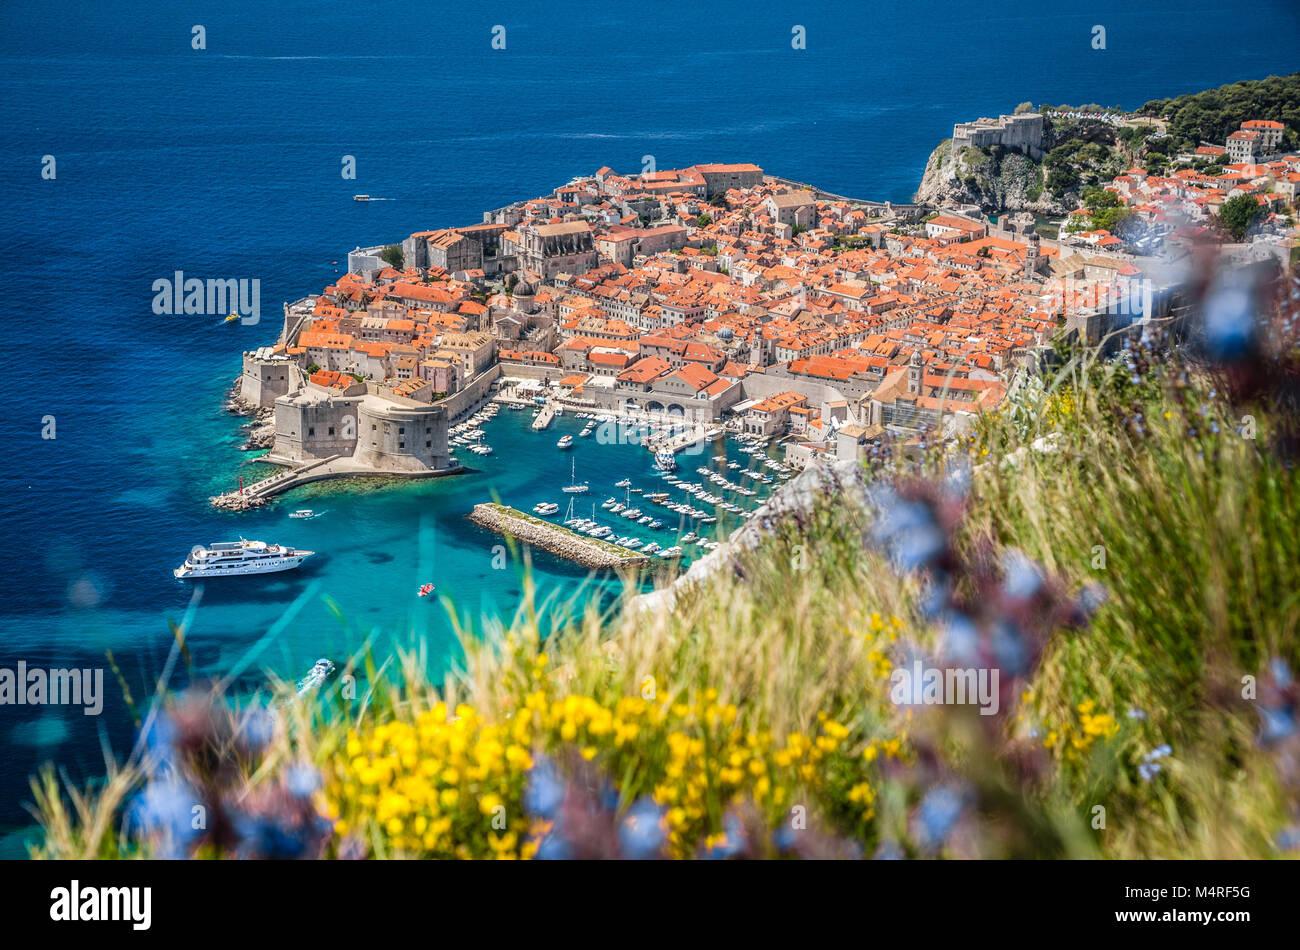 Vista aérea de la histórica ciudad de Dubrovnik, uno de los destinos turísticos más famosos en el Mar Mediterráneo, Foto de stock